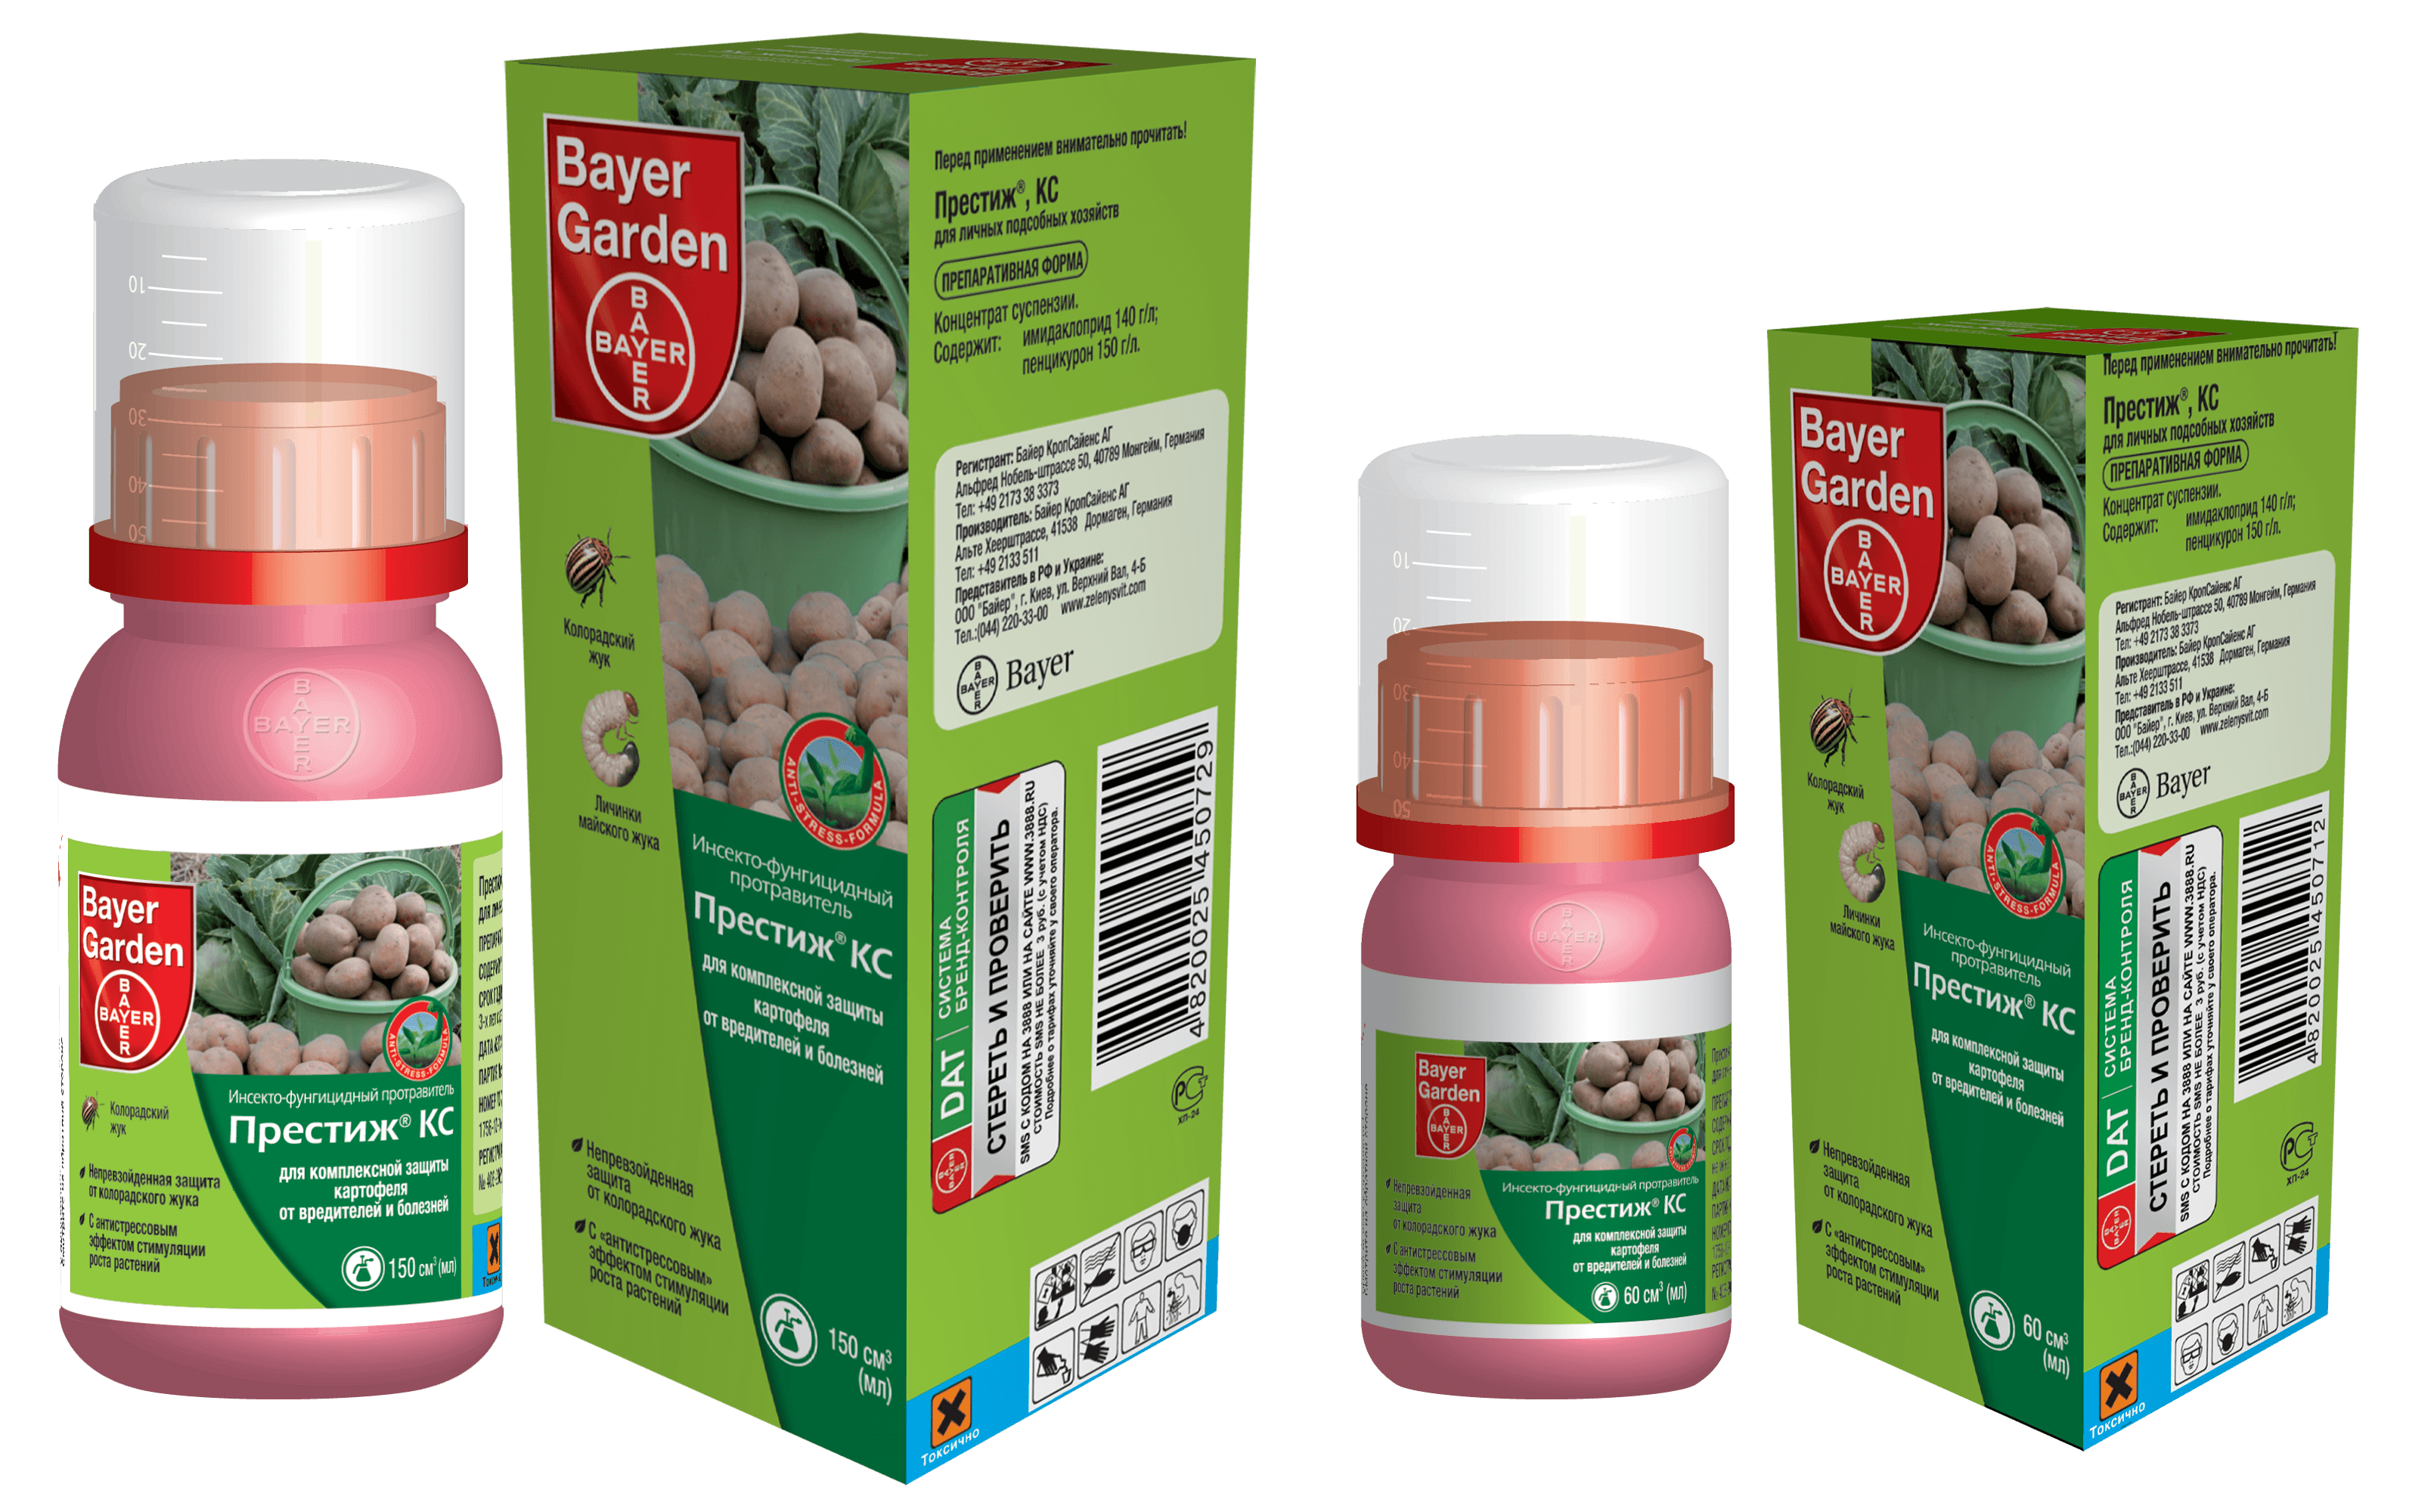 Народные средства от колорадского жука: 16 рецептов + 4 способа